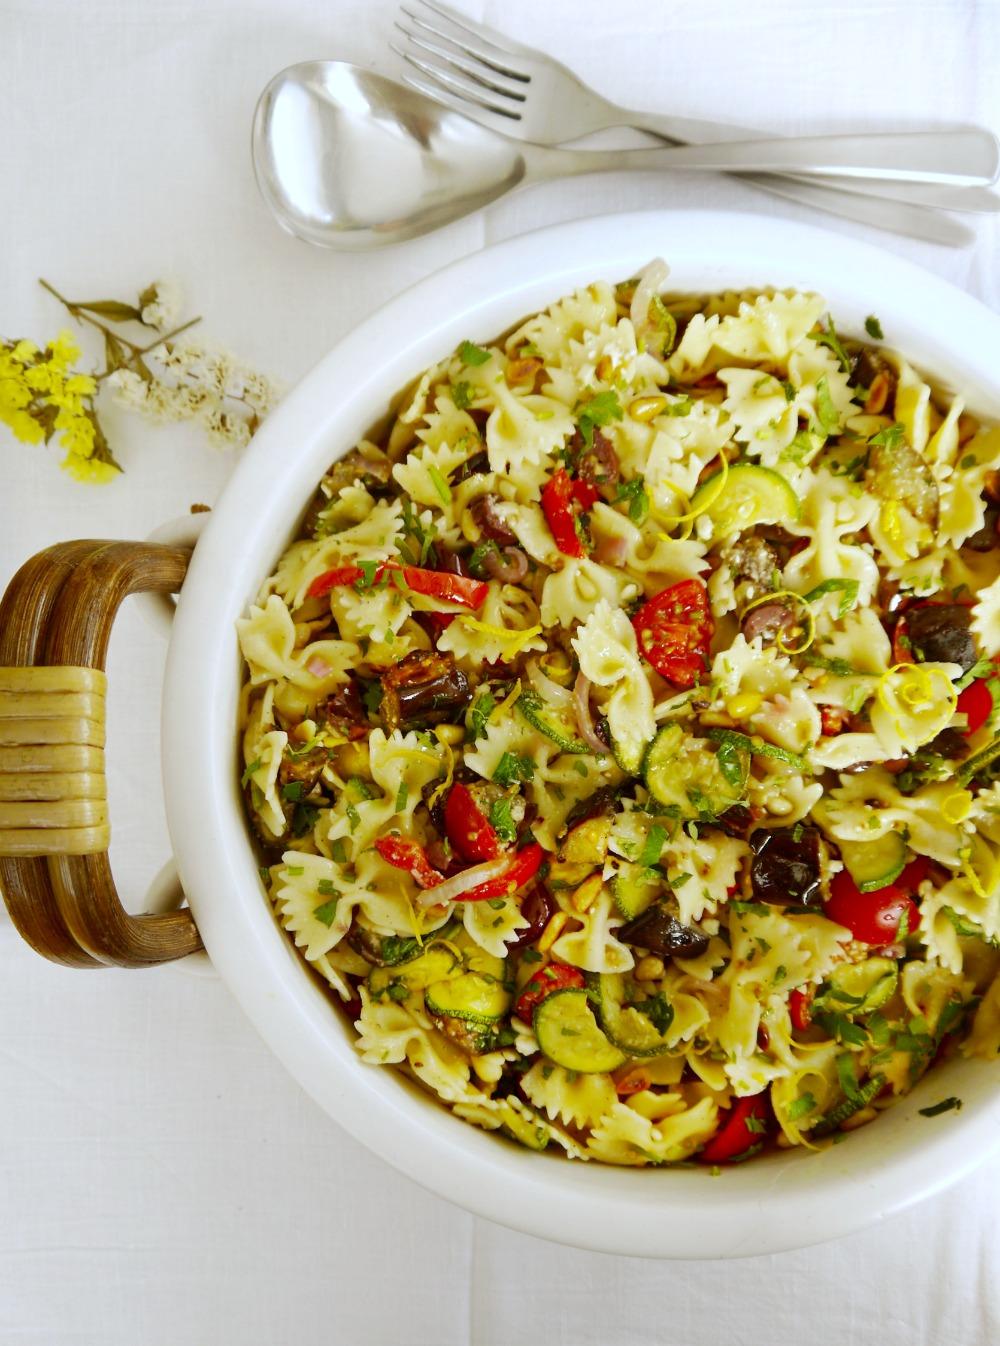 Κρύα μακαρονοσαλάτα μεσογειακή με πεταλούδες/ φαρφάλες και ψητά λαχανικά